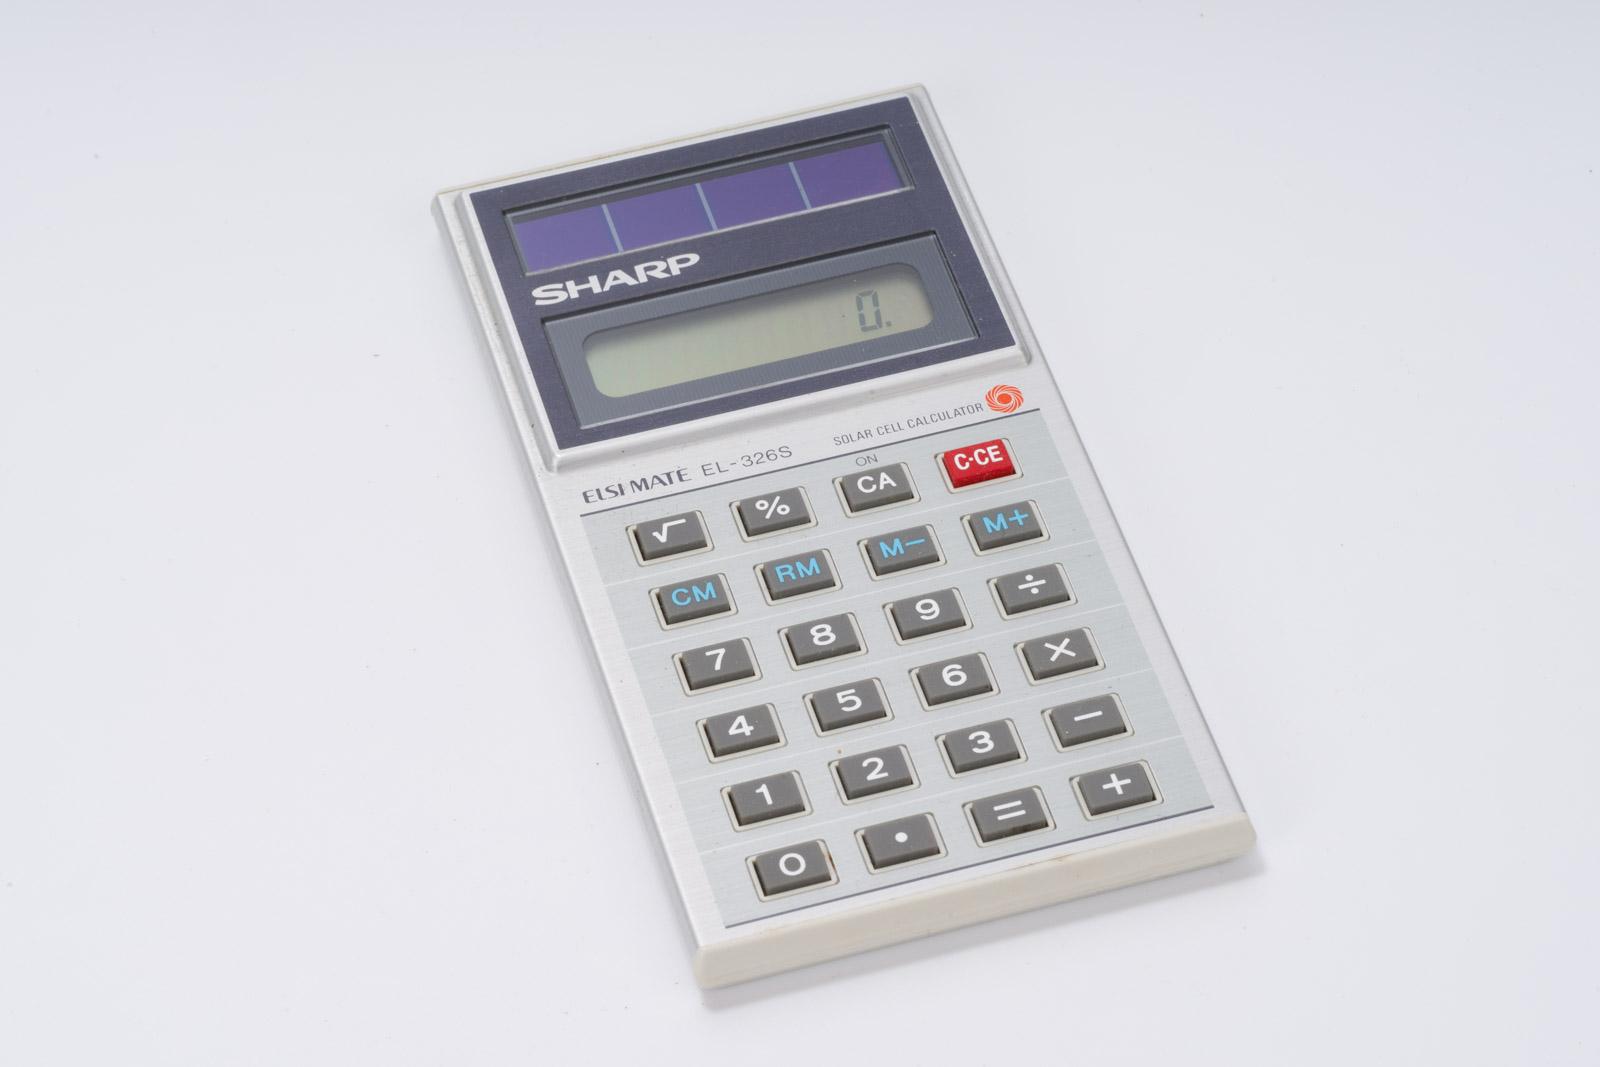 sharp_el-826s_calculator_solar